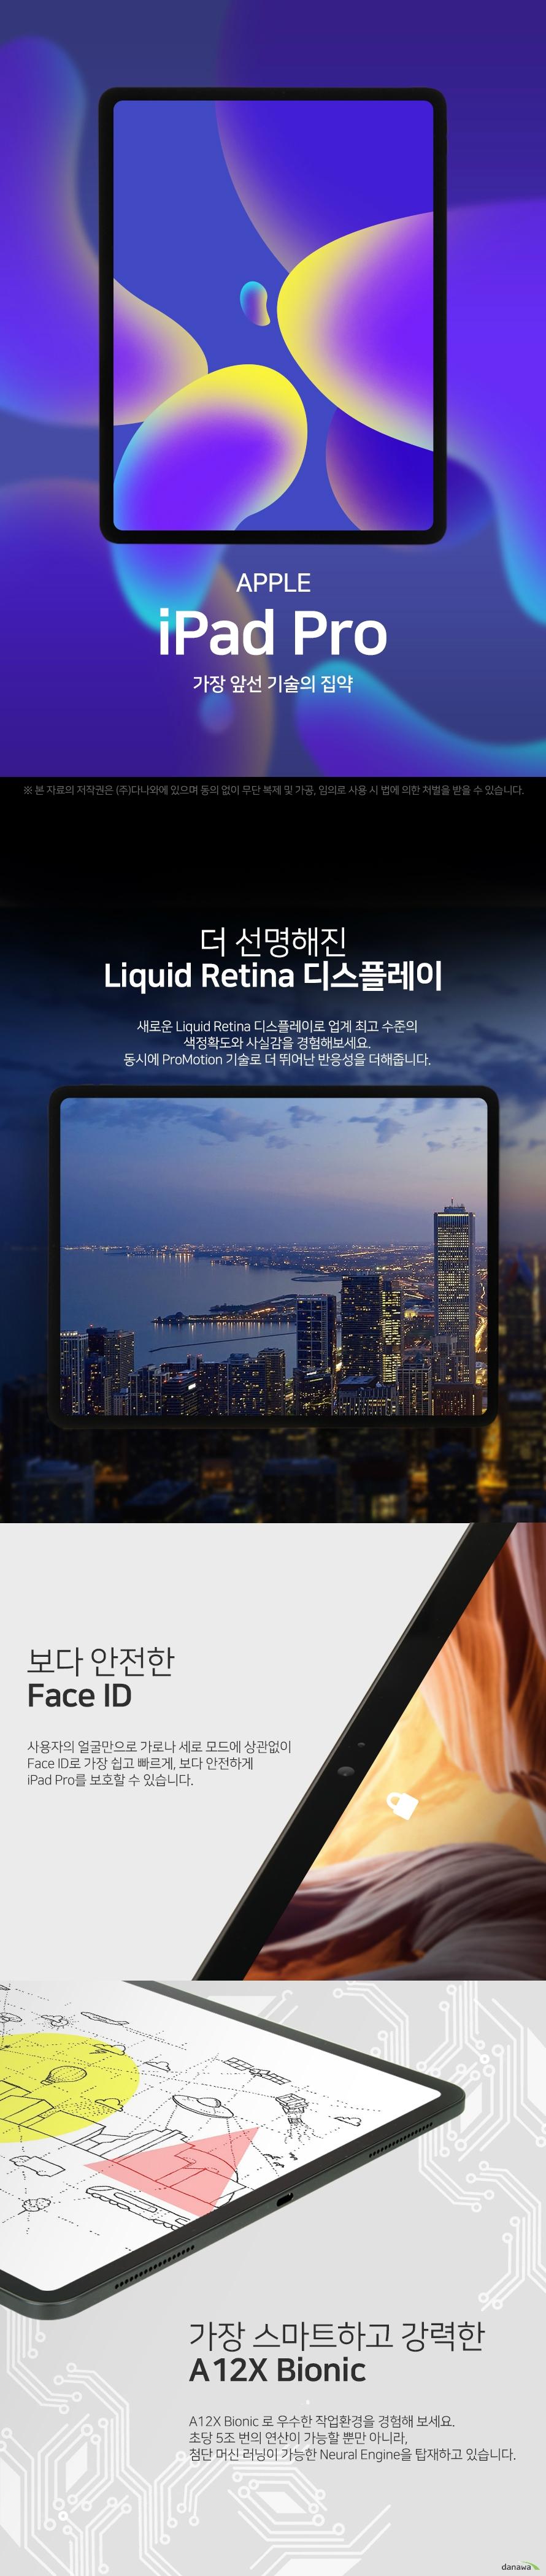 APPLE iPad Pro 가장 앞선 기술의 집약 더 선명해진 Liquid Retina 디스플레이 새로운 Liquid Retina 디스플레이로 업계 최고 수준의 색 정확도와 사실감을 경험해보세요 동시에 ProMotion 기술로 더 뛰어난 반응성을 더해줍니다 보다 안전한 Face ID 사용자의 얼굴만으로 가로나 세로 모드에 상관없이 Face ID로 가장 쉽고 빠르게 보다 안전하게 iPad Pro를 보호할 수 있습니다 가장 스마트하고 강력한 A 12X Bionic A 12X Bionic로 우수한 작업 환경을 경험해보세요 초당 5조 번의 연산이 가능할 뿐만 아니라 첨단 머신 러닝이 가능한 Neural Engine을 탑재하고 있습니다 우수한 성능의 카메라 iPad Pro의 놀라운 성능의 카메라는 선명한 사진과 영상을 표현해냅니다 원하는 사진을 최대 4K의 해상도로 마음껏 촬영해보세요 USB Type C로 가능해진 무한한 가능성의 시작 USB Type C는 외부 디스플레이나 카메라 같은 다양한 액세서리를 연결할 수 있습니다 다양한 기기와의 무한한 가능성을 경험해보세요 5점 9mm 초슬림 이제껏 가장 얇은 iPad Pro는 뛰어난 휴대성을 자랑합니다 출장 시에나 이동 시에도 편리하게 휴대하며 작업할 수 있습니다 뛰어난 퍼포먼스를 가장 얇은 두께로 경험해보세요 새로워진 Apple Pencil과 함께 당신의 터치에 반응하는 Apple Pencil로 멈추지 않고 더욱 효율적으로 작업해보세요 부착하기만 하면 페어링도 되고 충전도 가능합니다 Specification 화면 정보 화면 크기 32점 76cm 12점 9인치 디스플레이 IPS LCD 해상도 2732x2048 ppi 264ppi 시스템 정보 CPU 제조사 애플 CPU 명 A12X 코어 수 옥타 8 코어 RAM 용량 6GB 저장 용량 내장 1TB 저장 매체 SSD 추가 메모리 슬롯 micro SD 미지원 네트워크 규격 태블릿 통신 LTE Wi Fi Wi Fi 주파수 802점 11 a b g n ac 블루투스 버전 블루투스 v5 점 0 카메라 성능 후면 카메라 1200만 화소 전면 카메라 700만 화소 카메라 플래시 LED 플래쉬 지원 4K 촬영 가능 센서 자이로 센서 가속도 센서 나침반 센서 근접 센서 단자 배터리 USB 충전 단자 USB 타입 C USB 풀사이즈 미지원 HDMI 미지원 MHL 미지원 전용 터치펜 별매 전용 키보드 별매 배터리 용량 36점 71Wh 제품의 외관 사양 등은 제품 개선을 위해 사전 예고 없이 변경될 수 있습니다